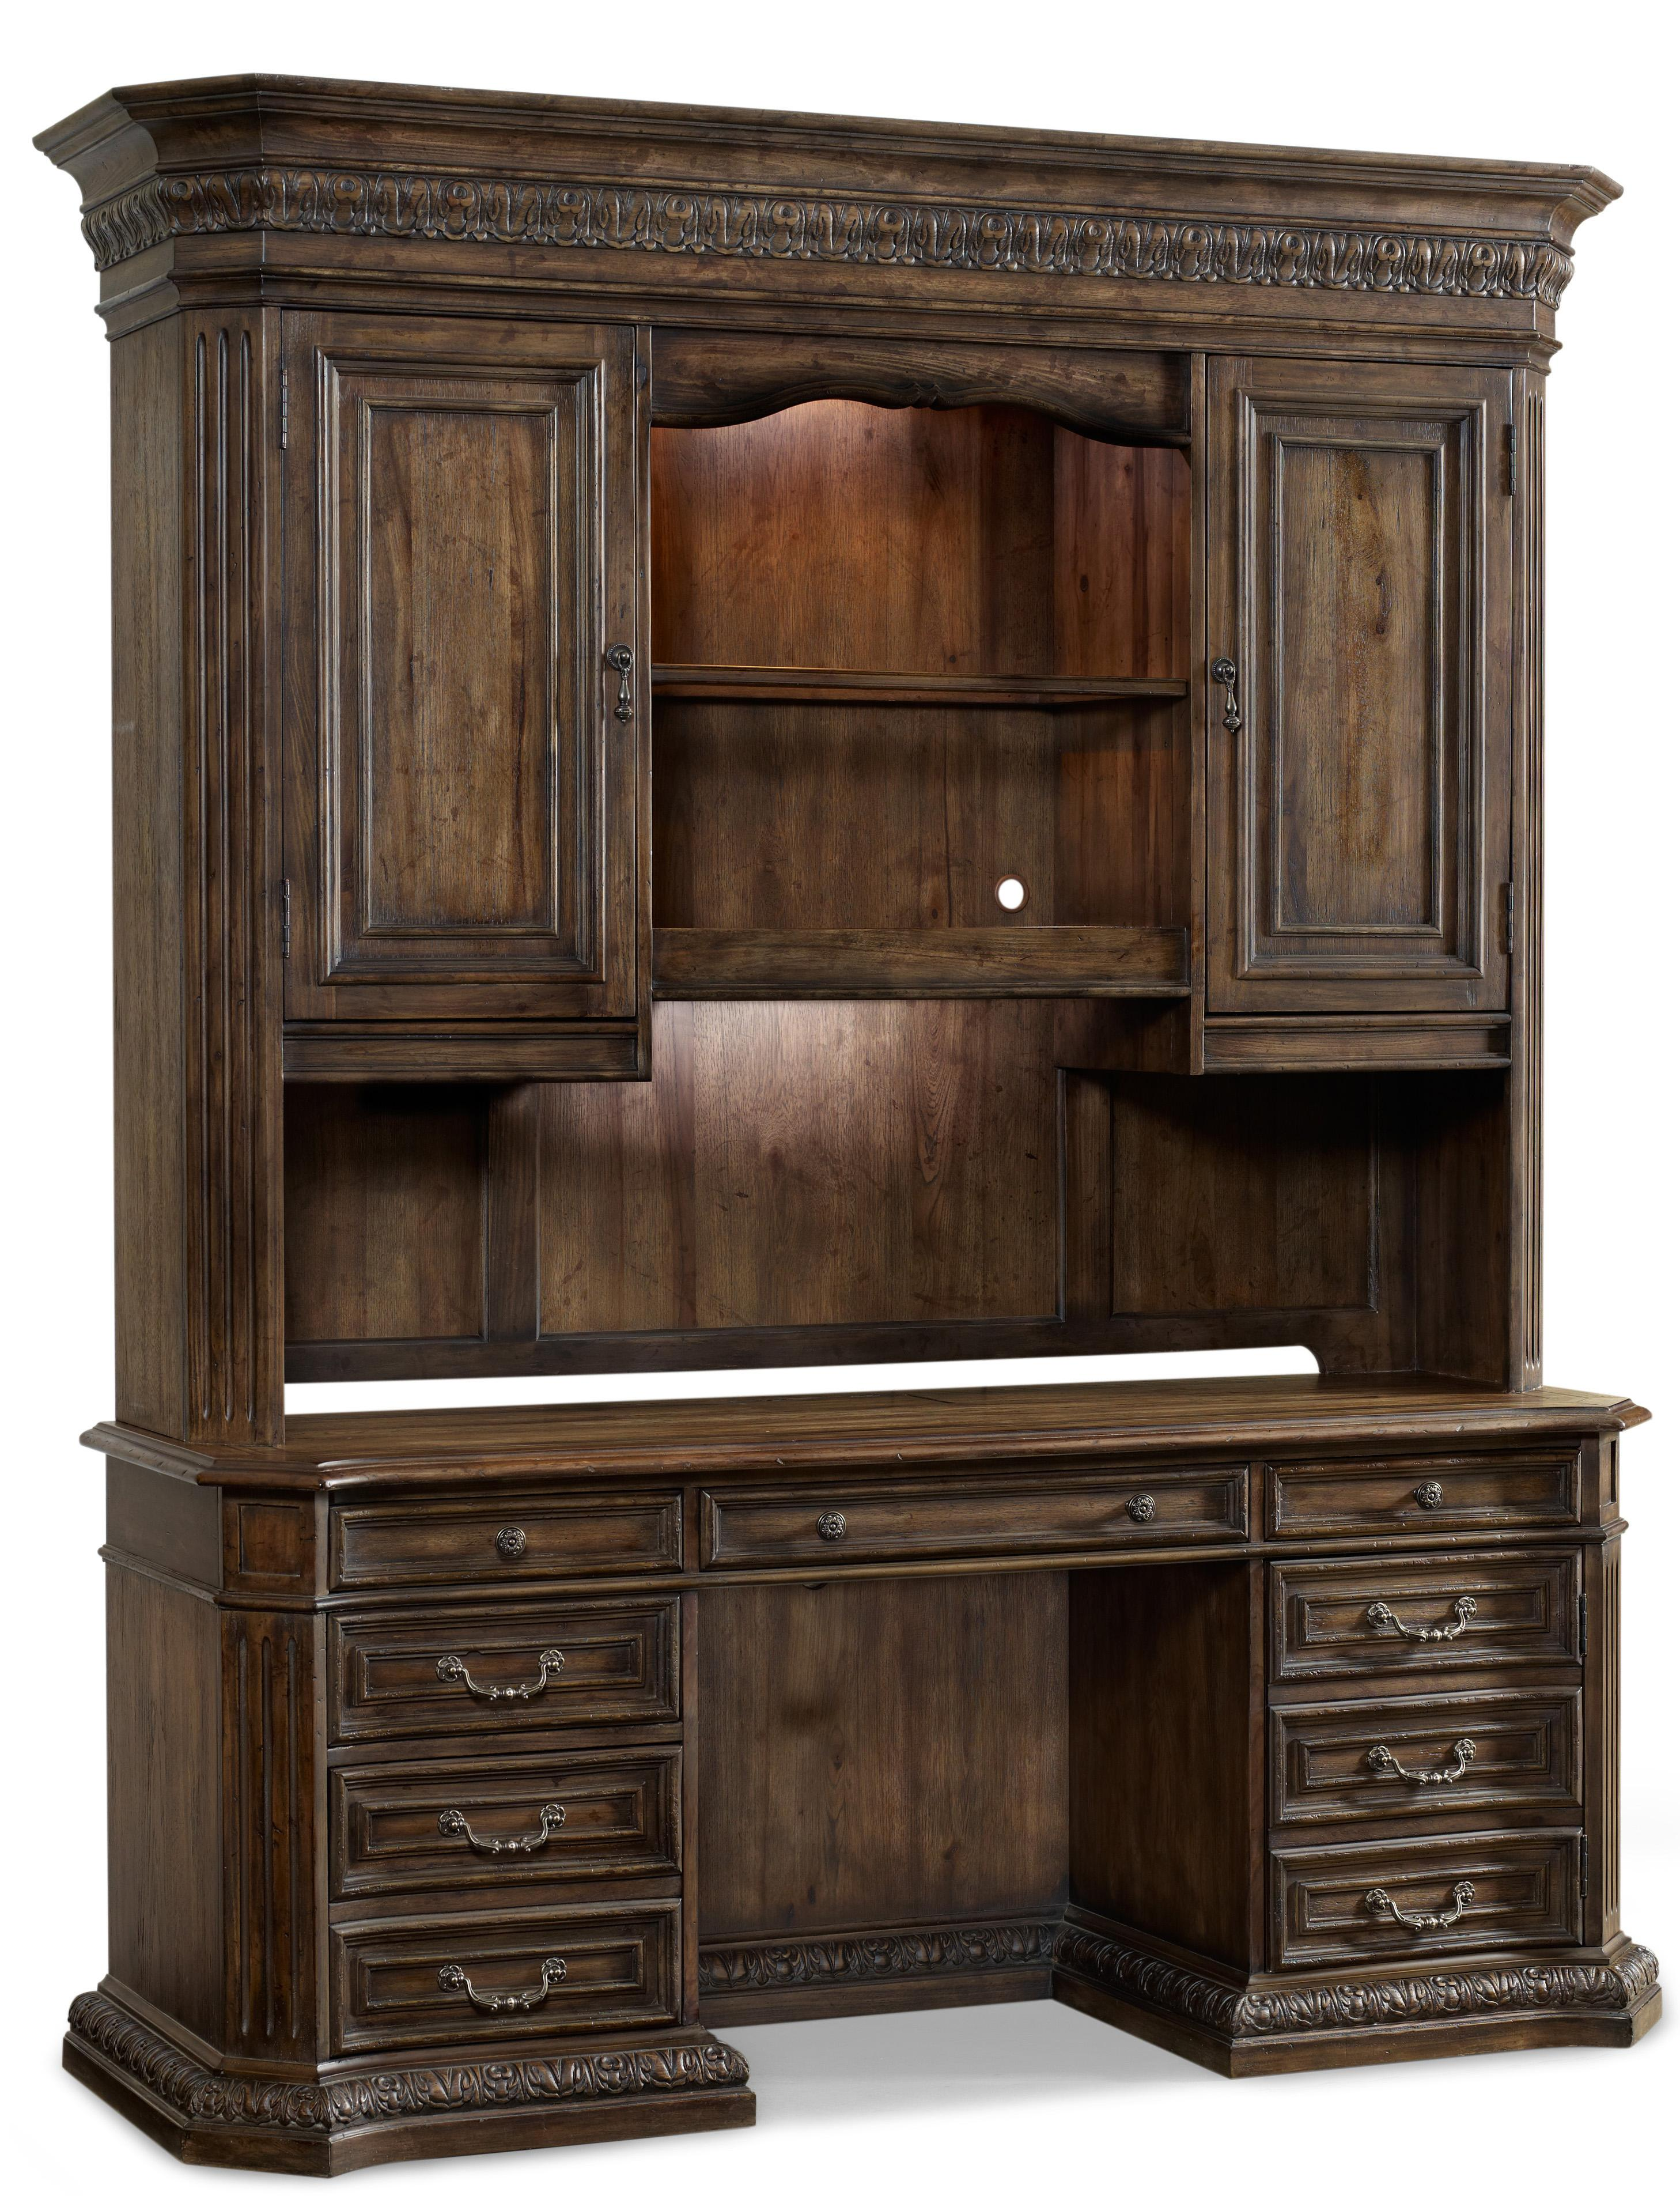 colored corner desk armoire. Computer Credenza And Hutch Colored Corner Desk Armoire P